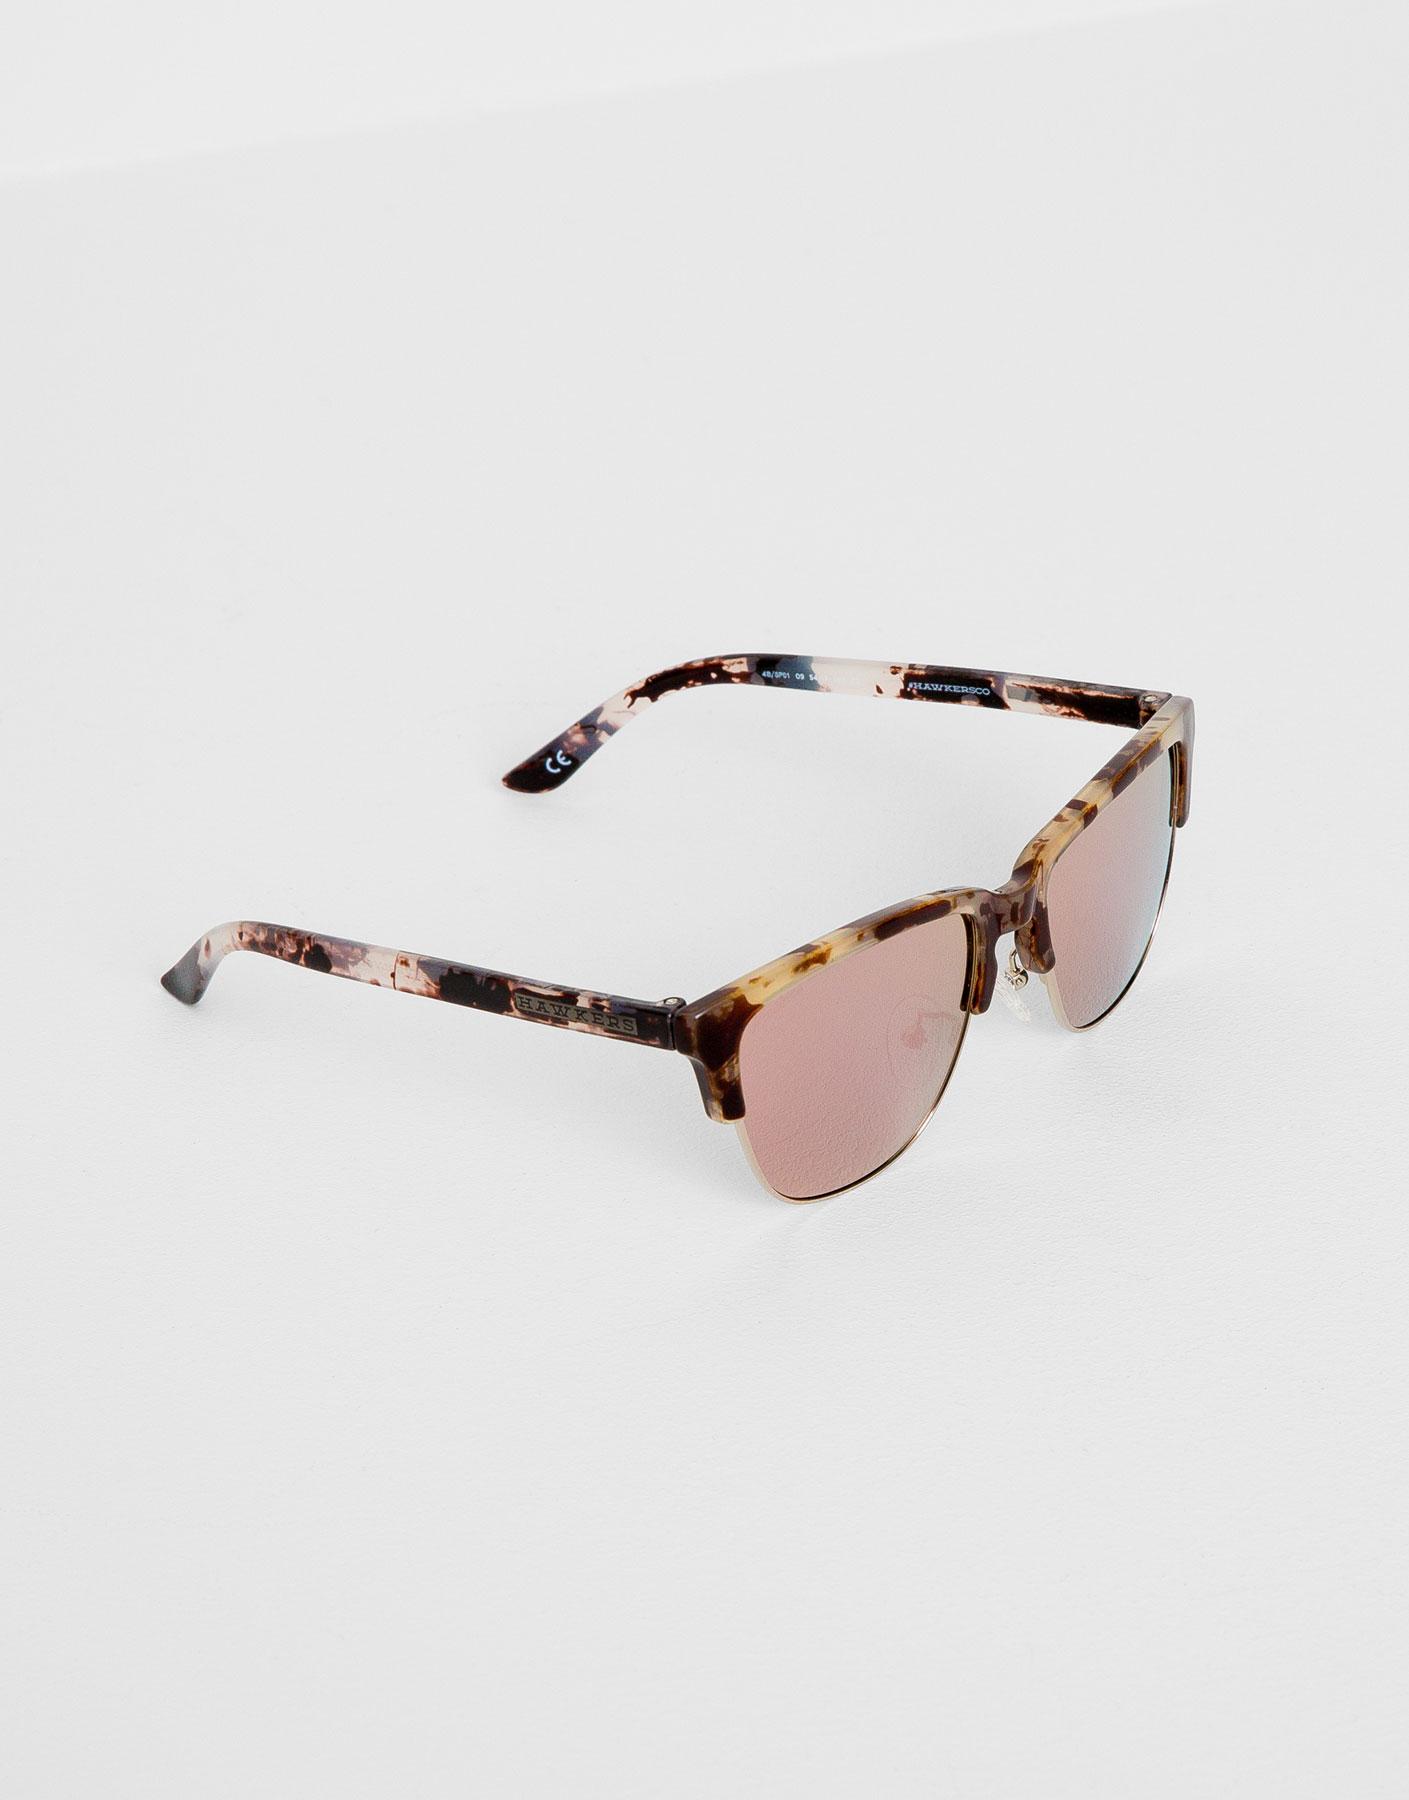 Gafas de sol hawkers carey